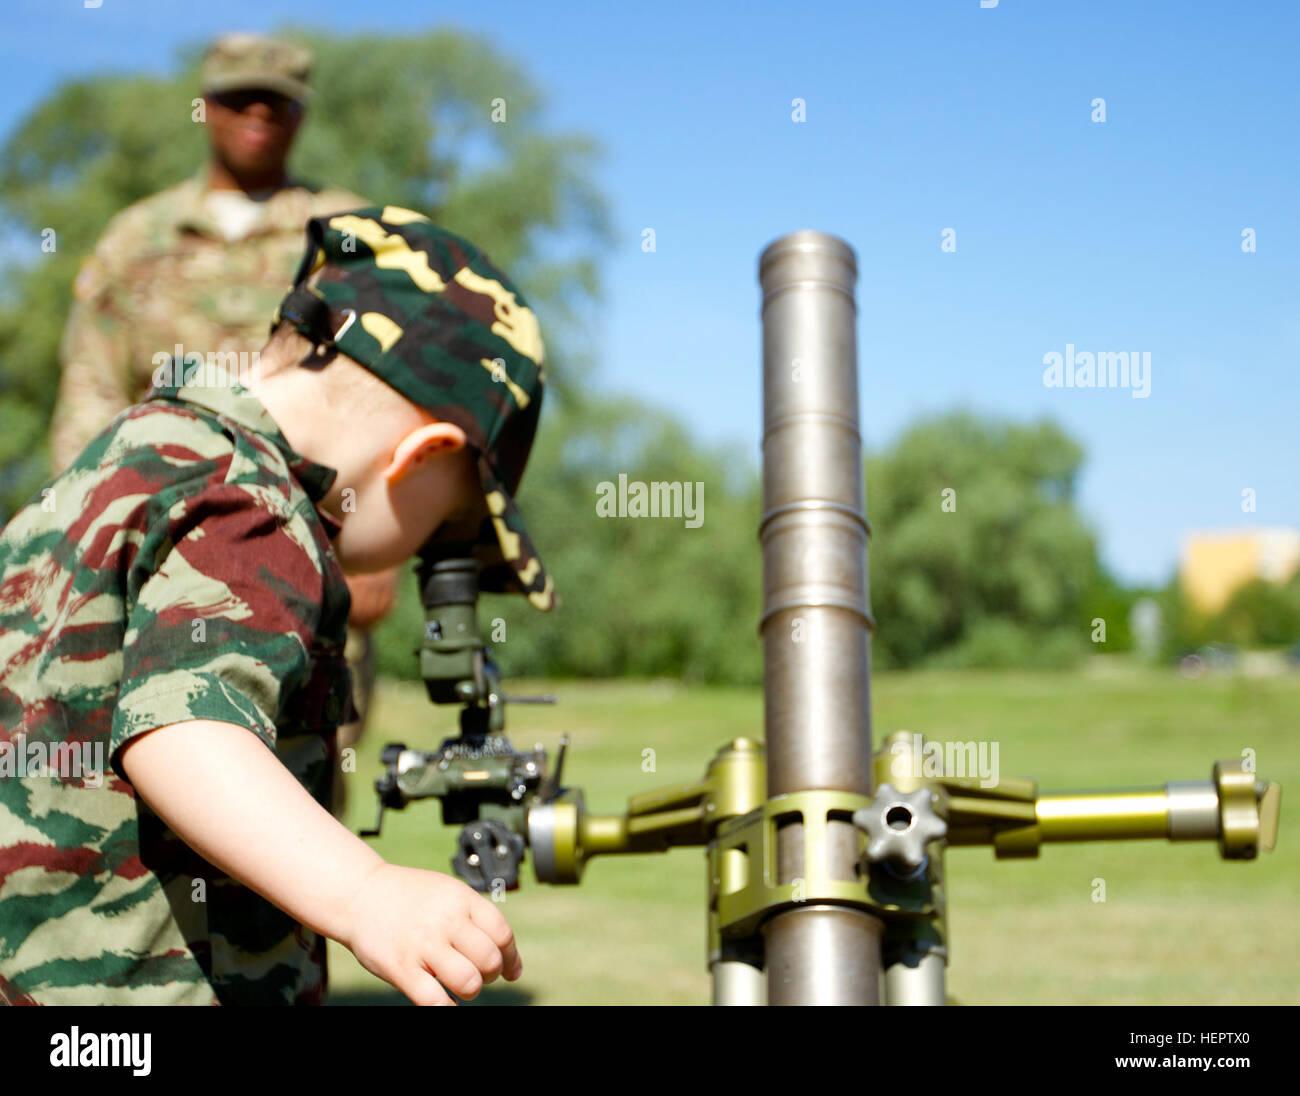 Un garçon regarde dans la vue d'un M224 de 60 mm Système de mortier au cours de l'Ancien hôtel de célébration en Adazi, la Lettonie le 28 mai 2016. Les membres de la Batterie B, l'Escadron d'artillerie, 2e régiment de cavalerie, et Fox Troop, 2e Escadron, 2e régiment de cavalerie a expliqué leur véhicule et de systèmes d'armes pour les citoyens de Adazi durant la partie Affichage statique de l'Ancien hôtel de célébration. Des expositions statiques sont un aspect important car il permet aux soldats d'interagir à un niveau personnel avec les citoyens dans la communauté où ils sont la formation au cours de l'Atlantique opérationnel résoudre. (U.S. Photo de l'armée par le Capitaine Banque D'Images